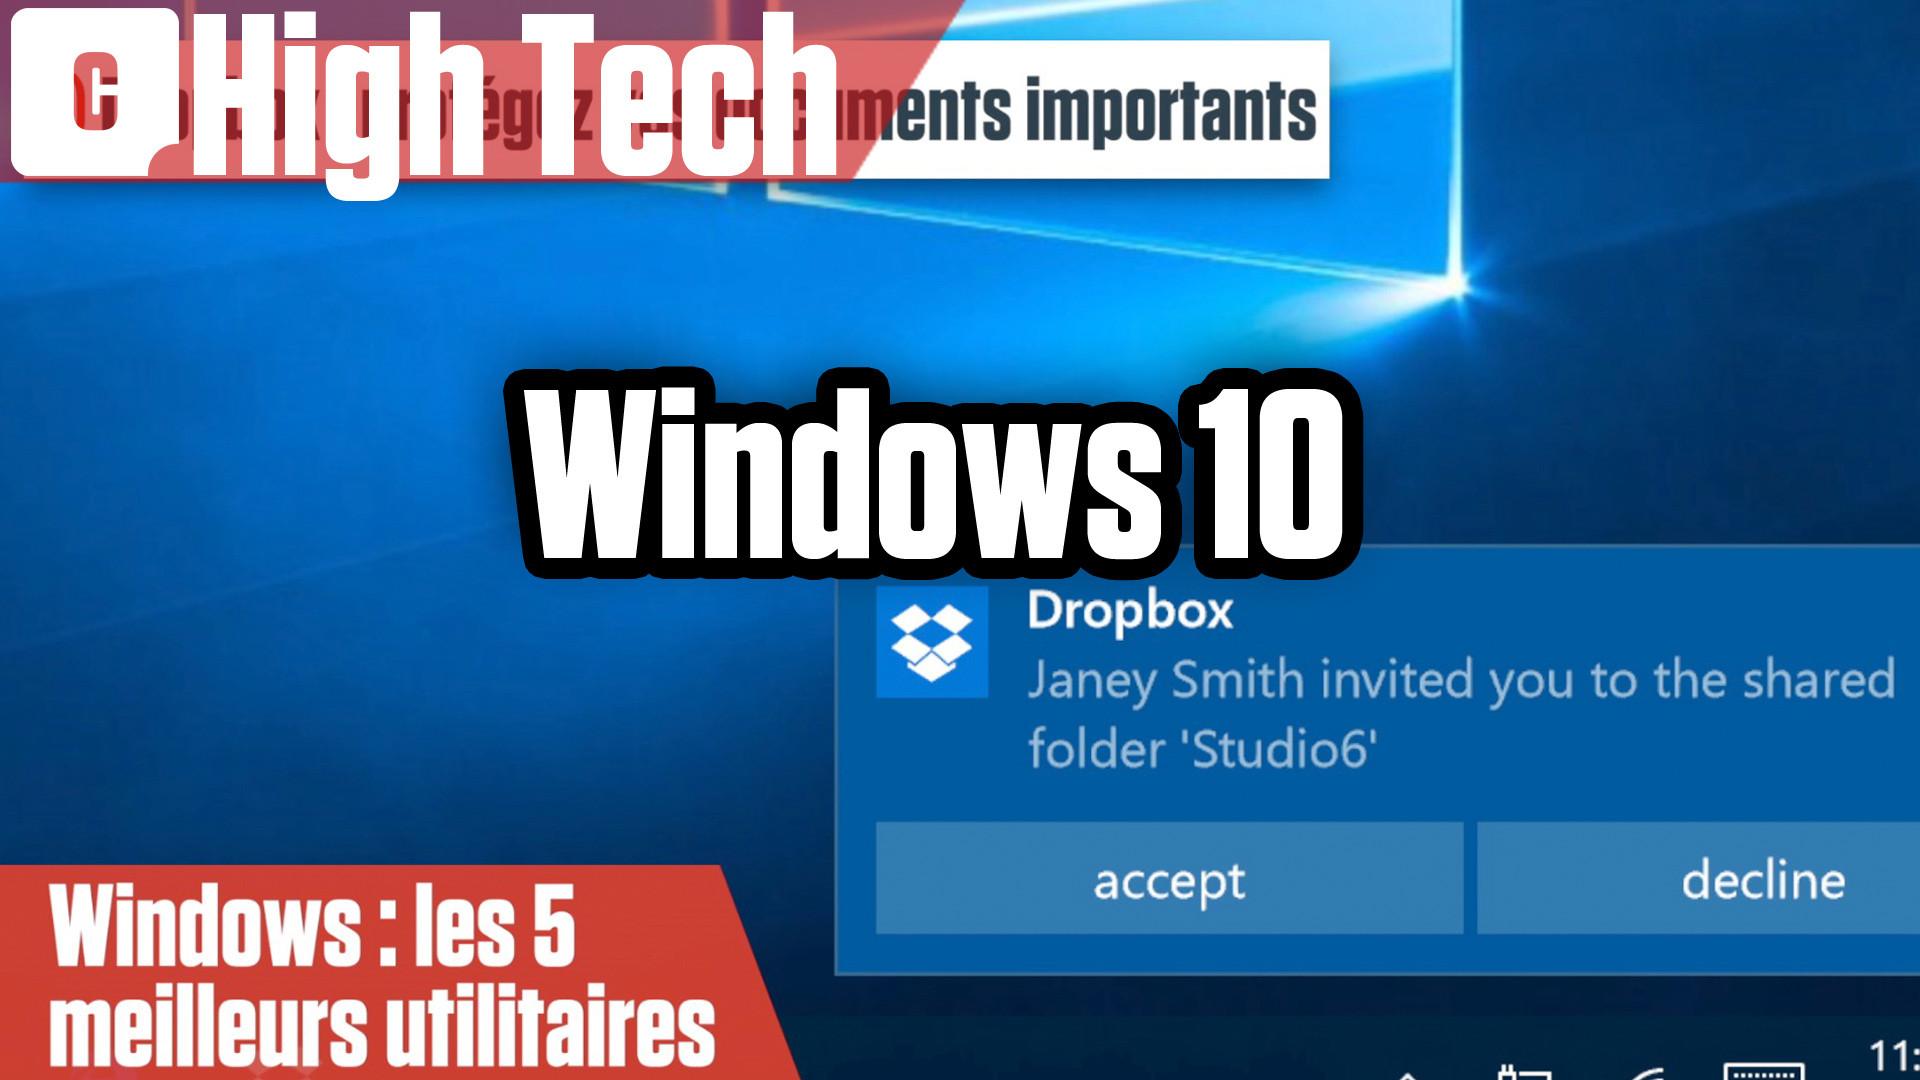 Windows 10 : les meilleurs utilitaires